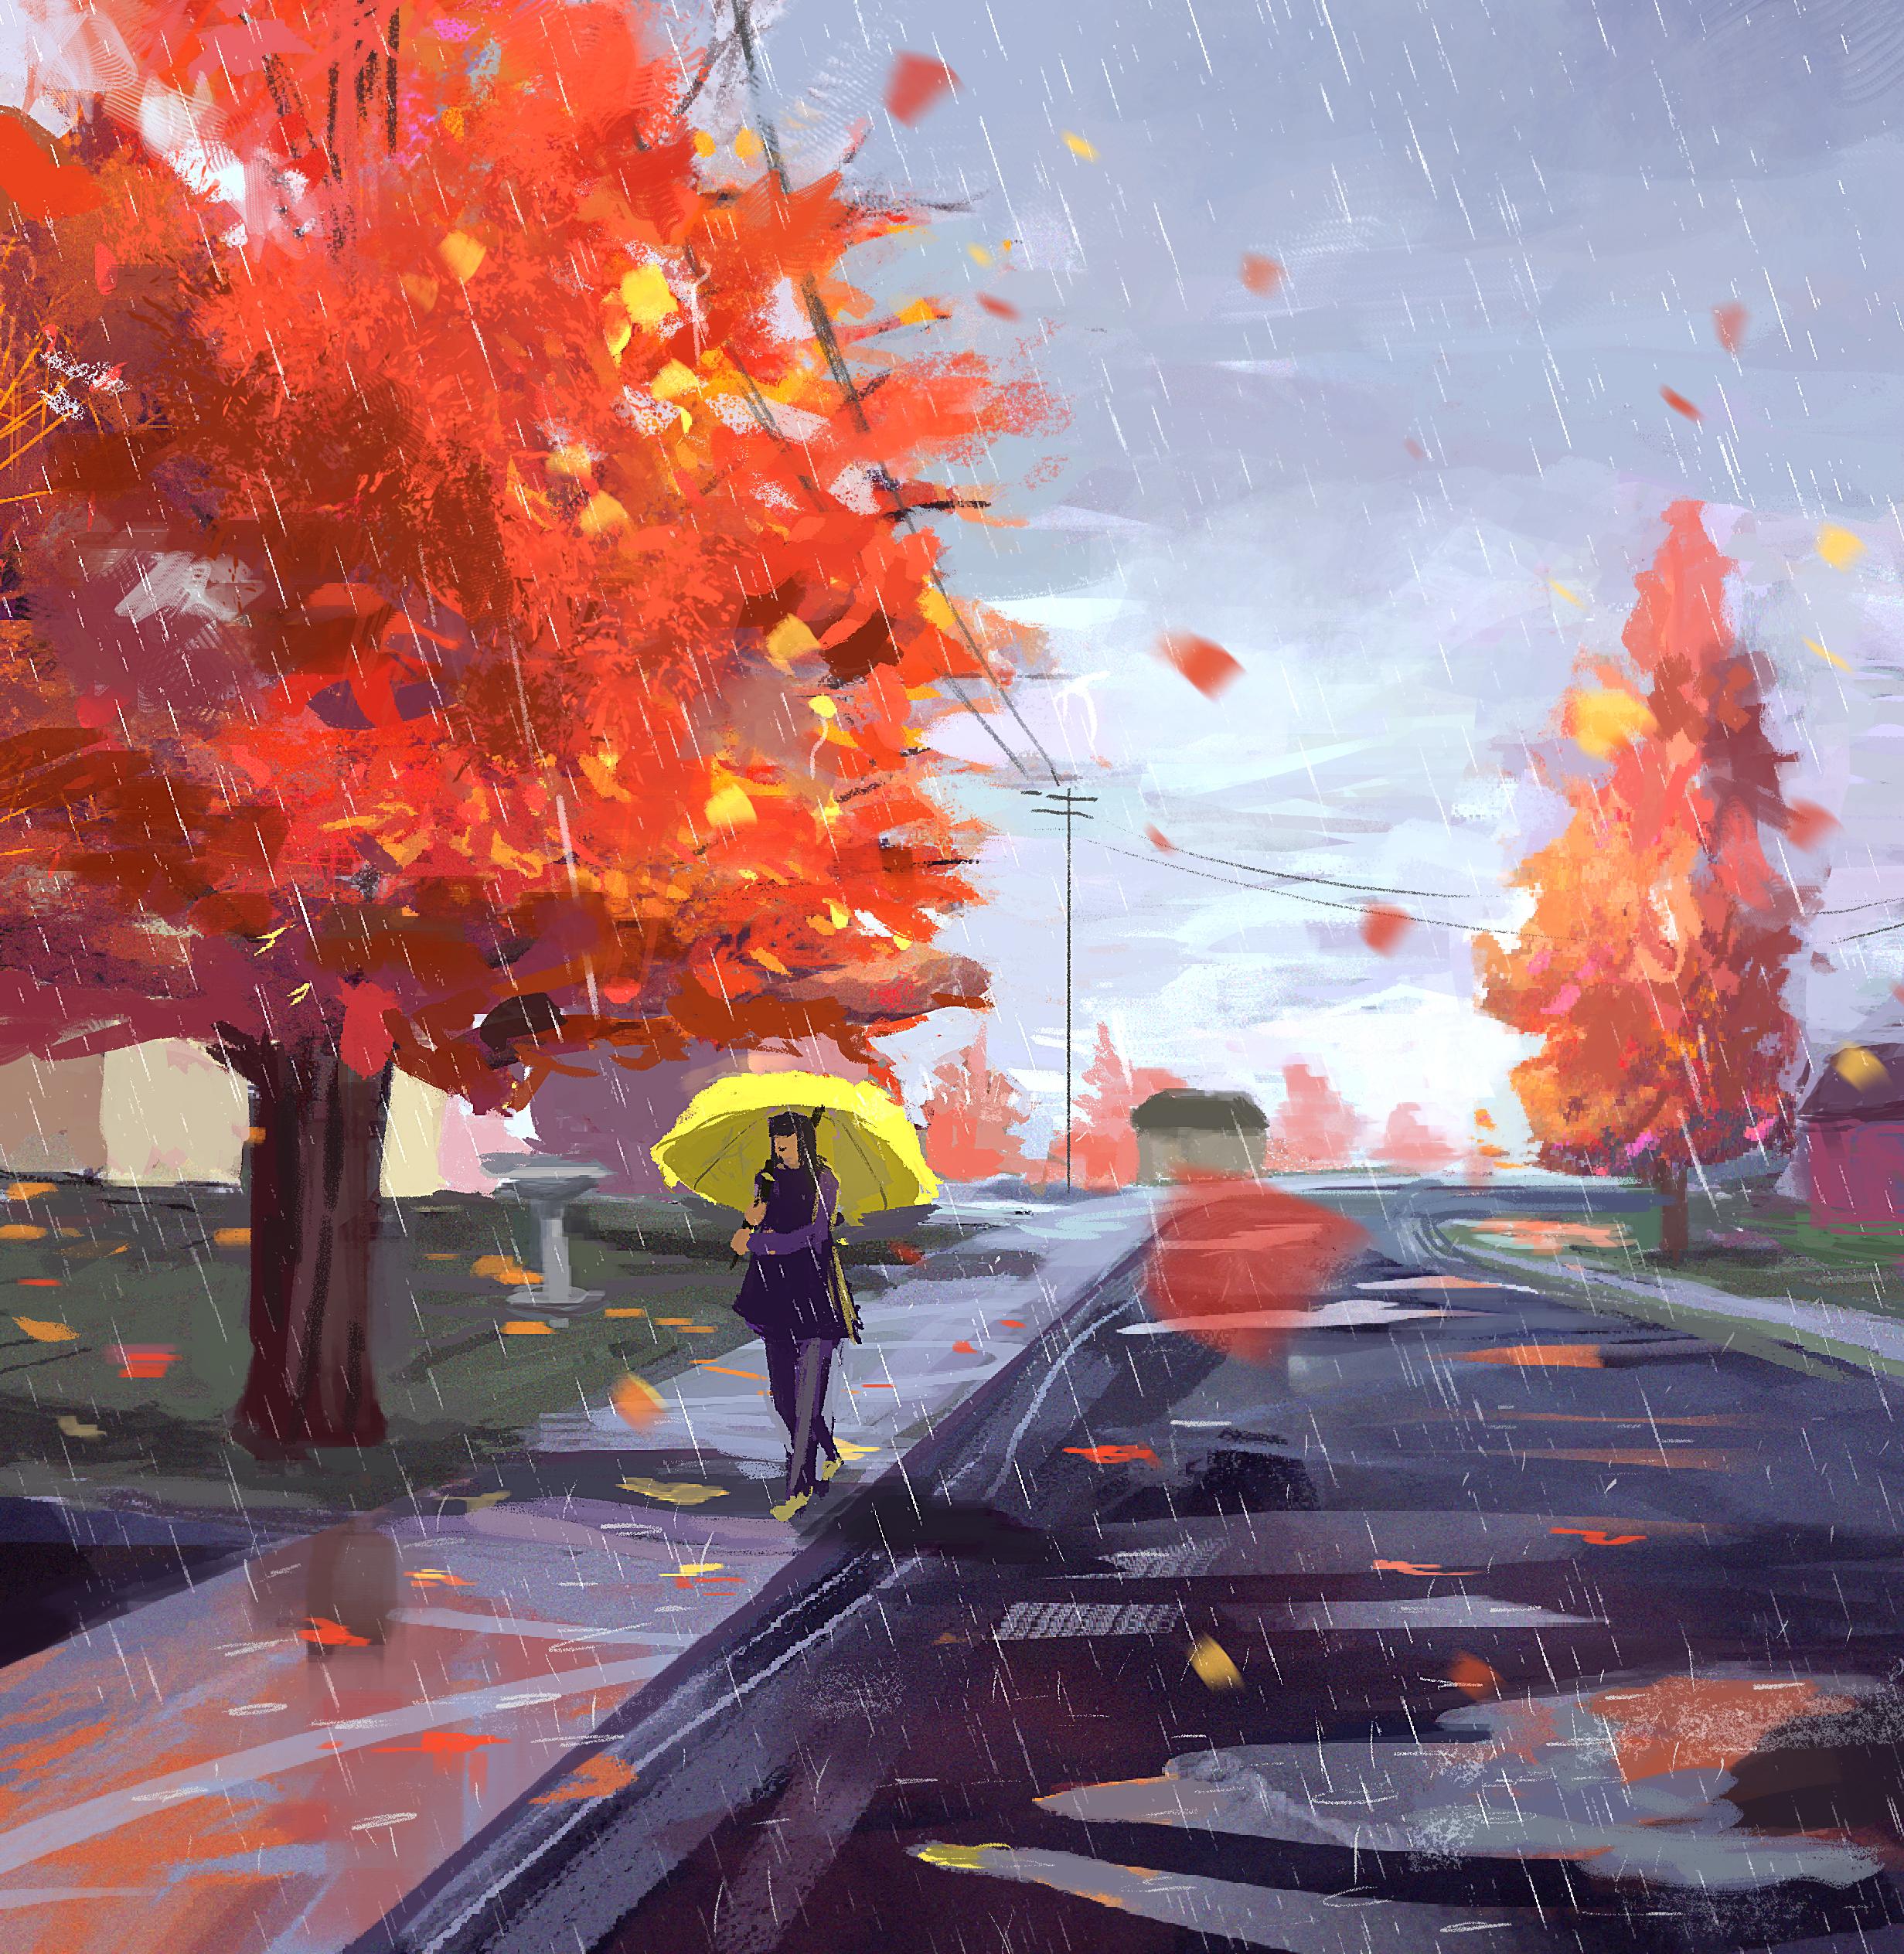 Rainy Fall Day